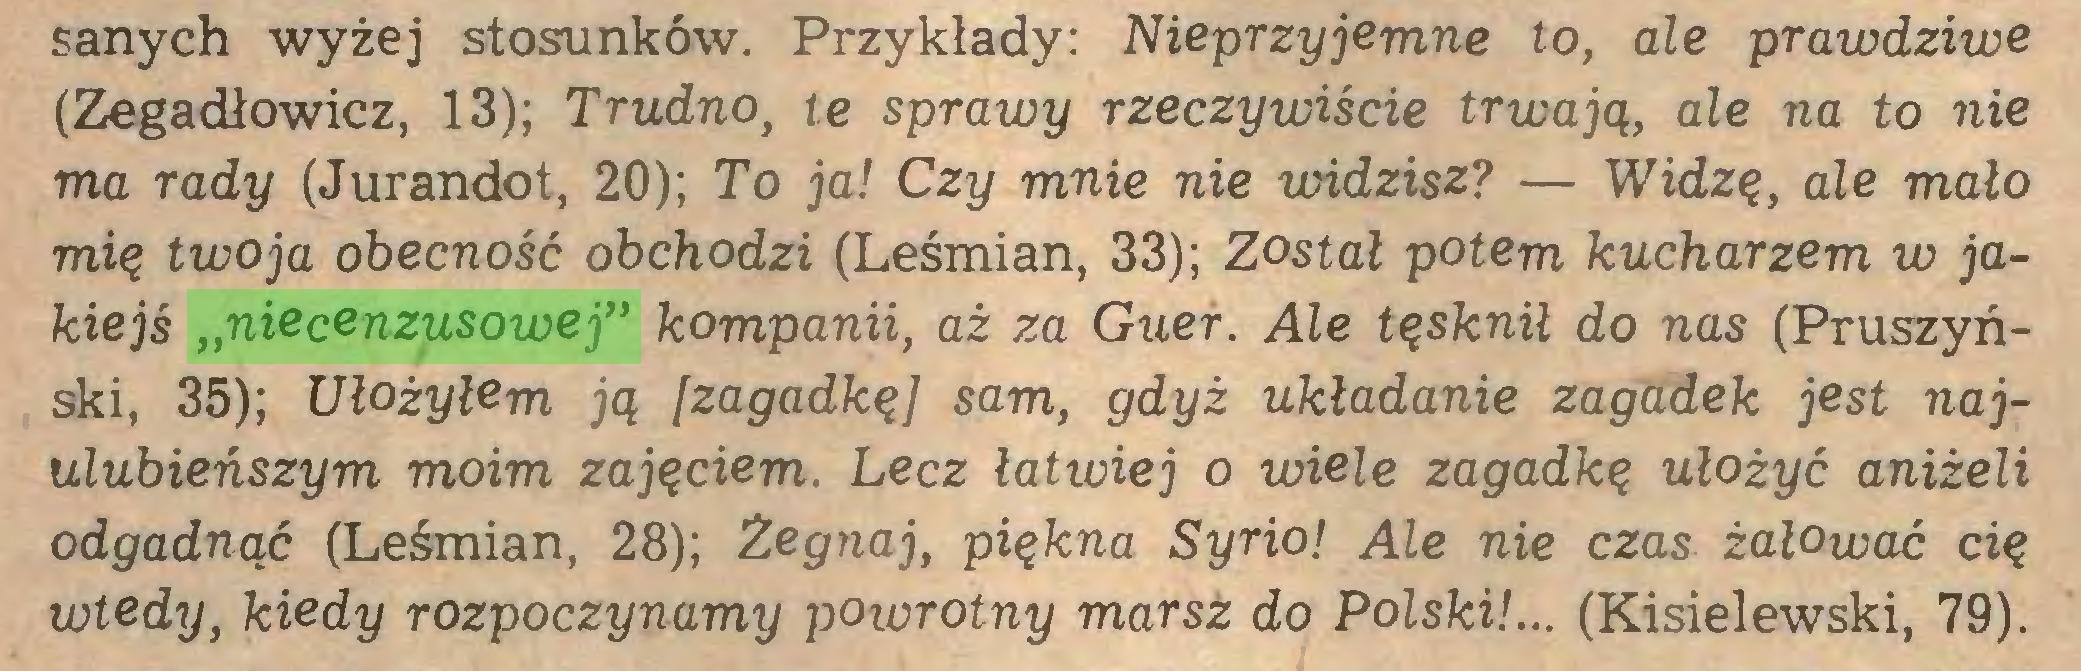 """(...) sanych wyżej stosunków. Przykłady: Nieprzyjemne to, ale prawdziwe (Zegadłowicz, 13); Trudno, te sprawy rzeczywiście trwają, ale na to nie ma rady (Jurandot, 20); To ja! Czy mnie nie widzisz? — Widzę, ále malo mię twoja obecność obchodzi (Leśmian, 33); Został potem kucharzem w jakiejś """"niecenzusowej"""" kompanii, aż za Guer. Ale tęsknił do nas (Pruszyński, 35); Ułożyłem ją [zagadkęJ sam, gdyż układanie zagadek jest najulubieńszym moim zajęciem. Lecz łatwiej o wiele zagadkę ułożyć aniżeli odgadnąć (Leśmian, 28); Zegnaj, piękna Syrio! Ale nie czas żałować cię wtedy, kiedy rozpoczynamy powrotny marsz do Polski!... (Kisielewski, 79)..."""